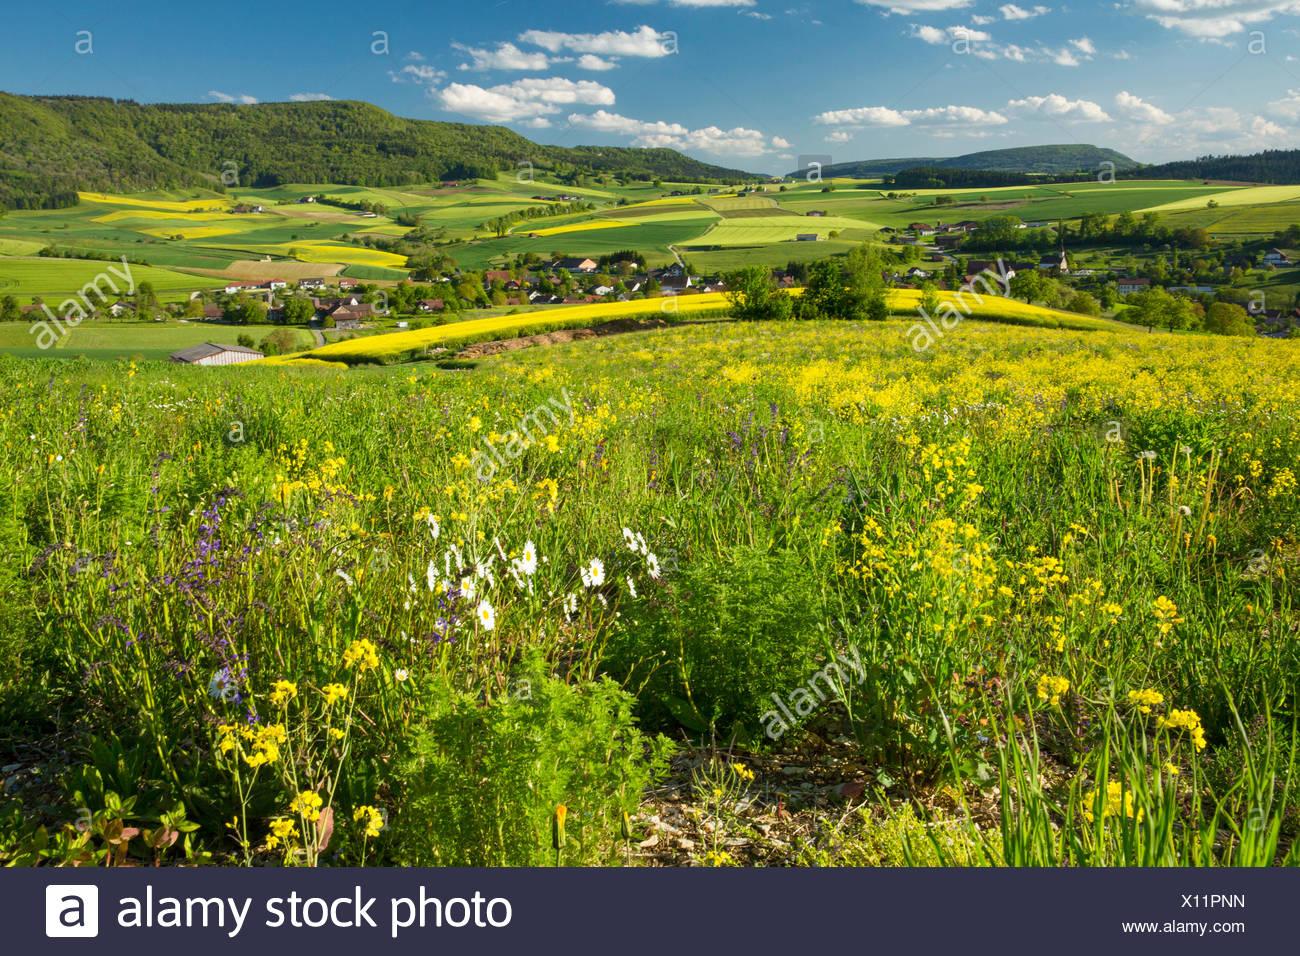 Randen, rugueux, Beggingen, printemps, canton, SH, Schaffhouse, fleur, fleurs, paysage, paysage, l'agriculture, pâturage, sw Photo Stock